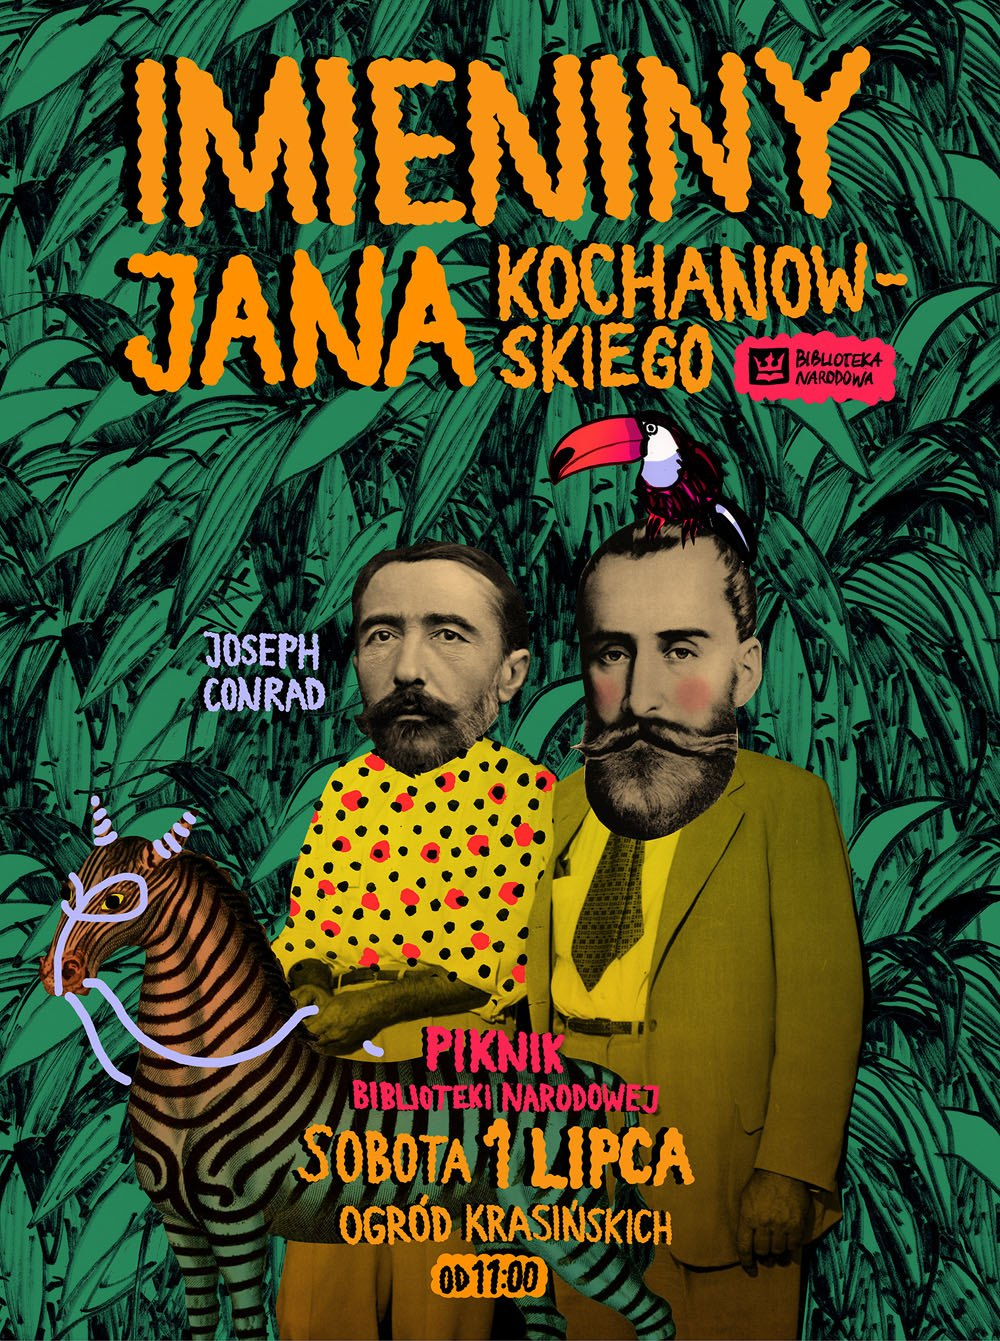 Imieniny Jana Kochanowskiego – plakat (źródło: materiały prasowe organizatora)